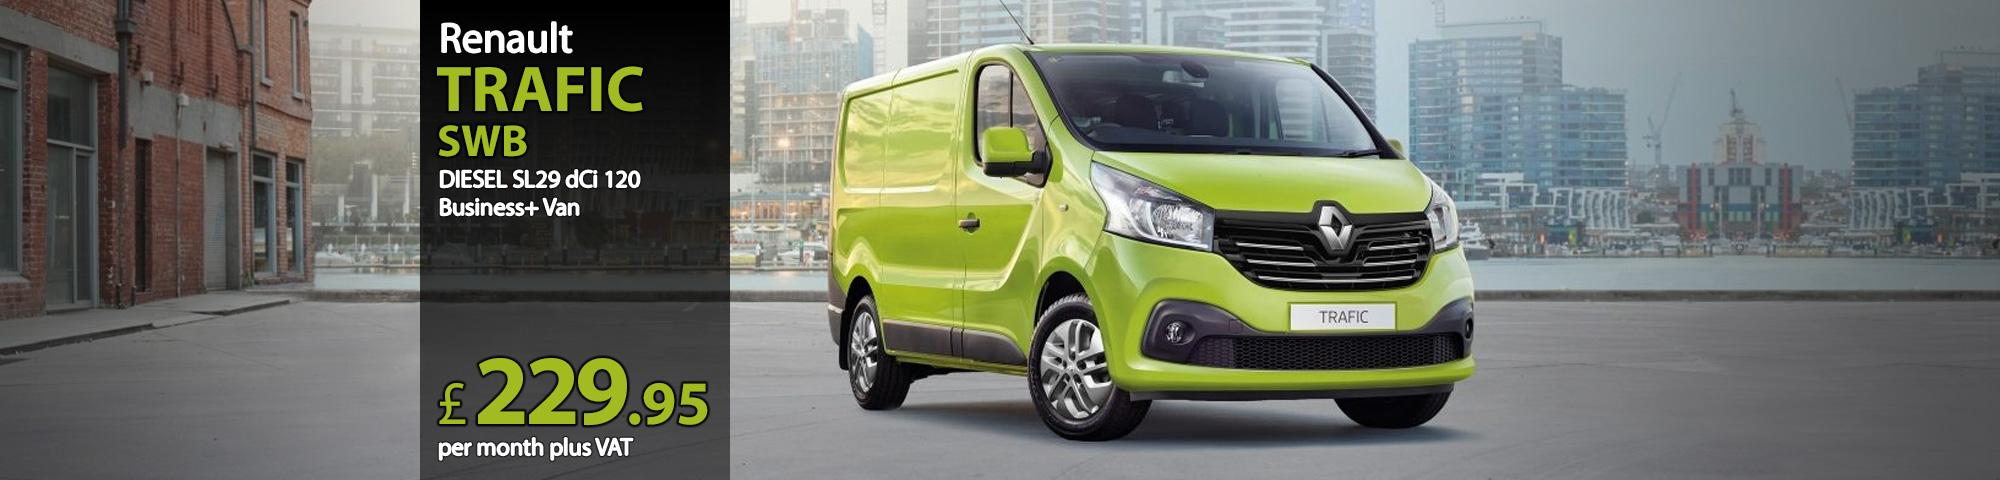 Renault TRAFIC SWB DIESEL SL29 dCi 120 Business+ Van